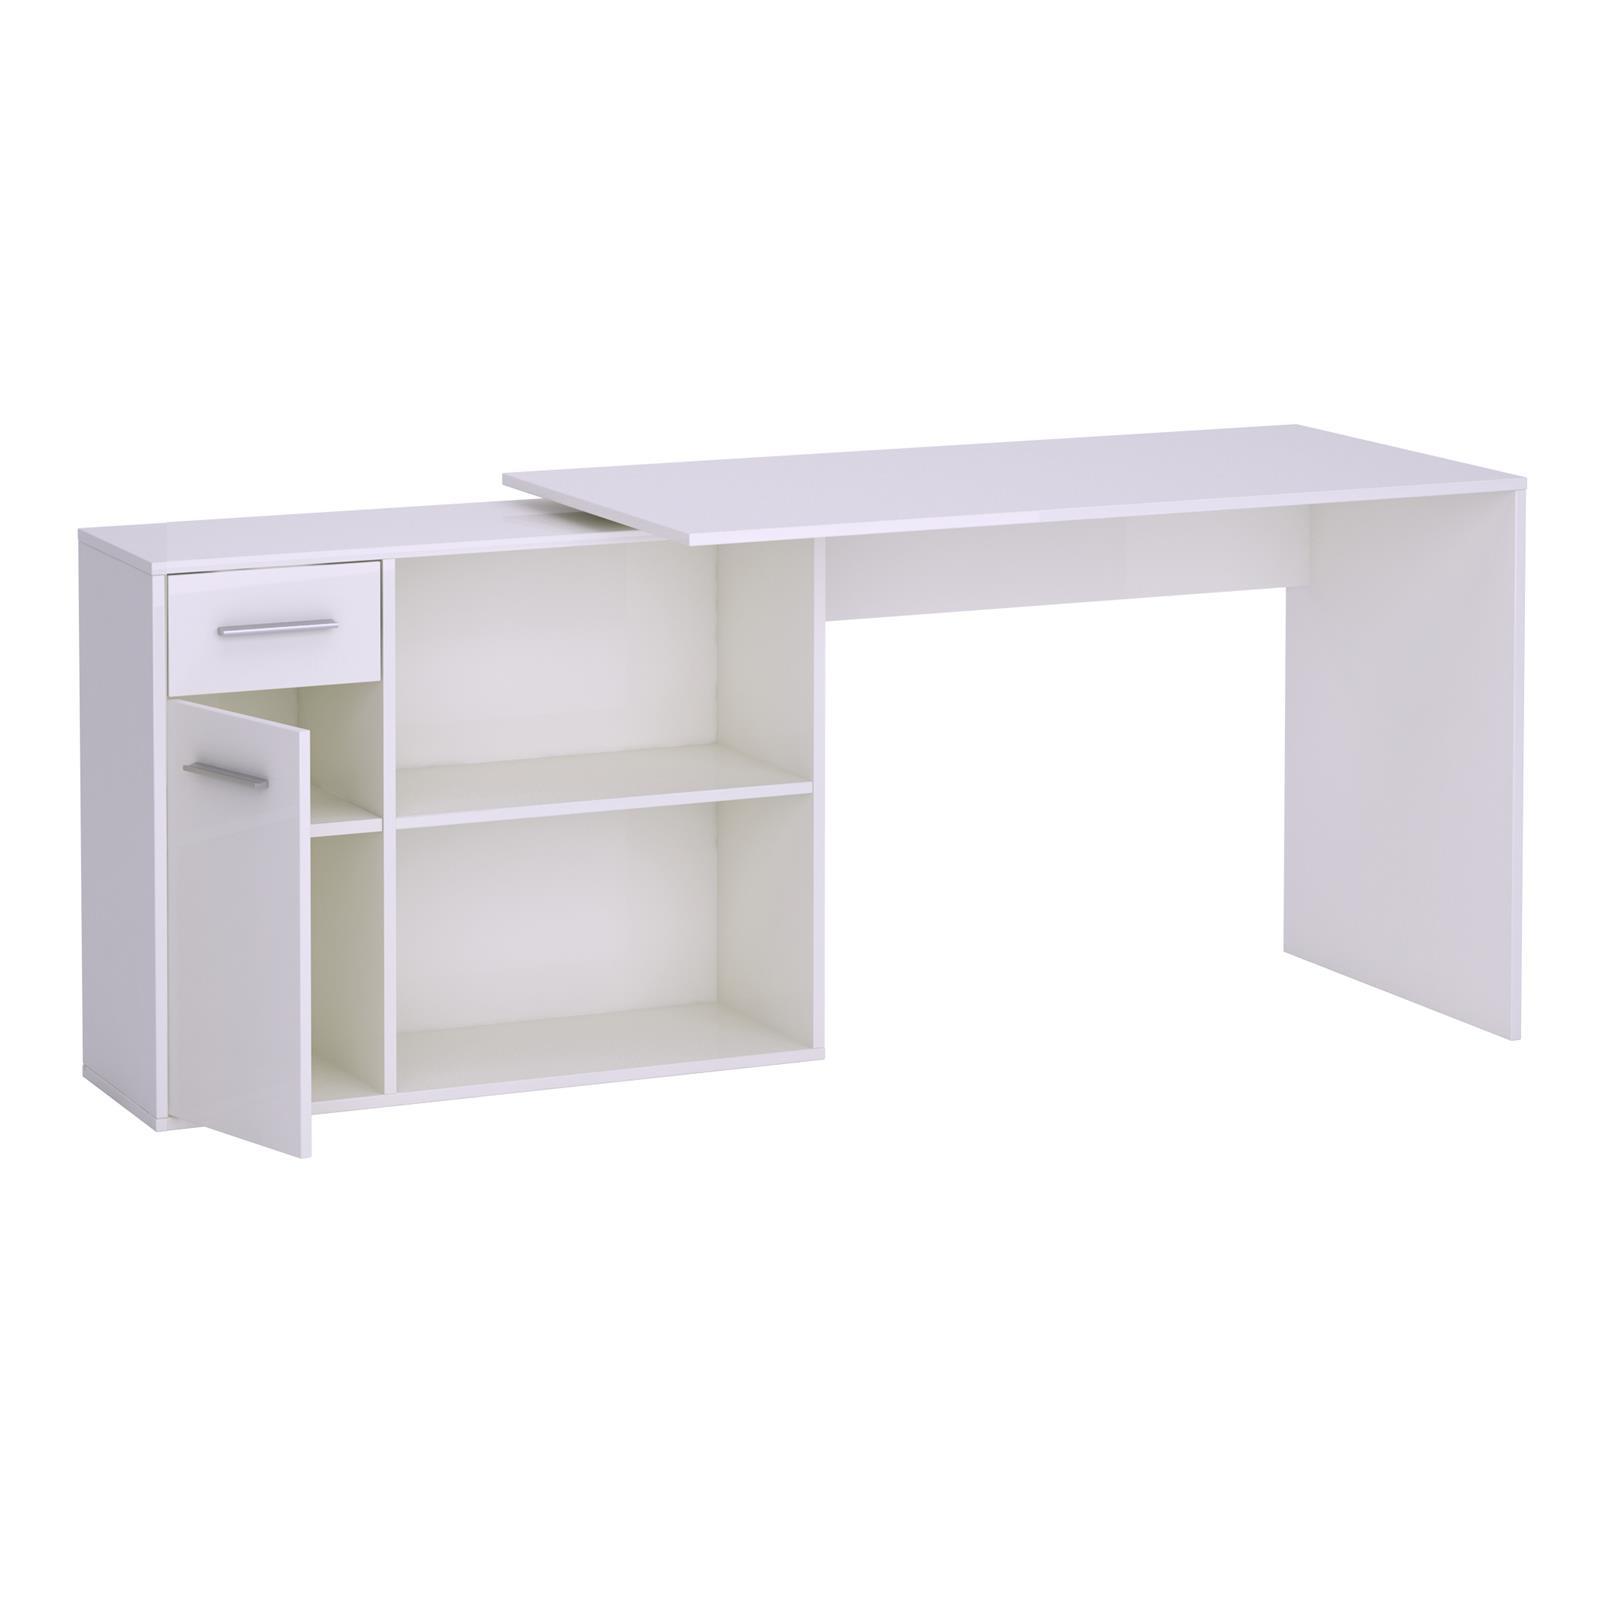 regal mit tisch m bel inspiration und innenraum ideen. Black Bedroom Furniture Sets. Home Design Ideas